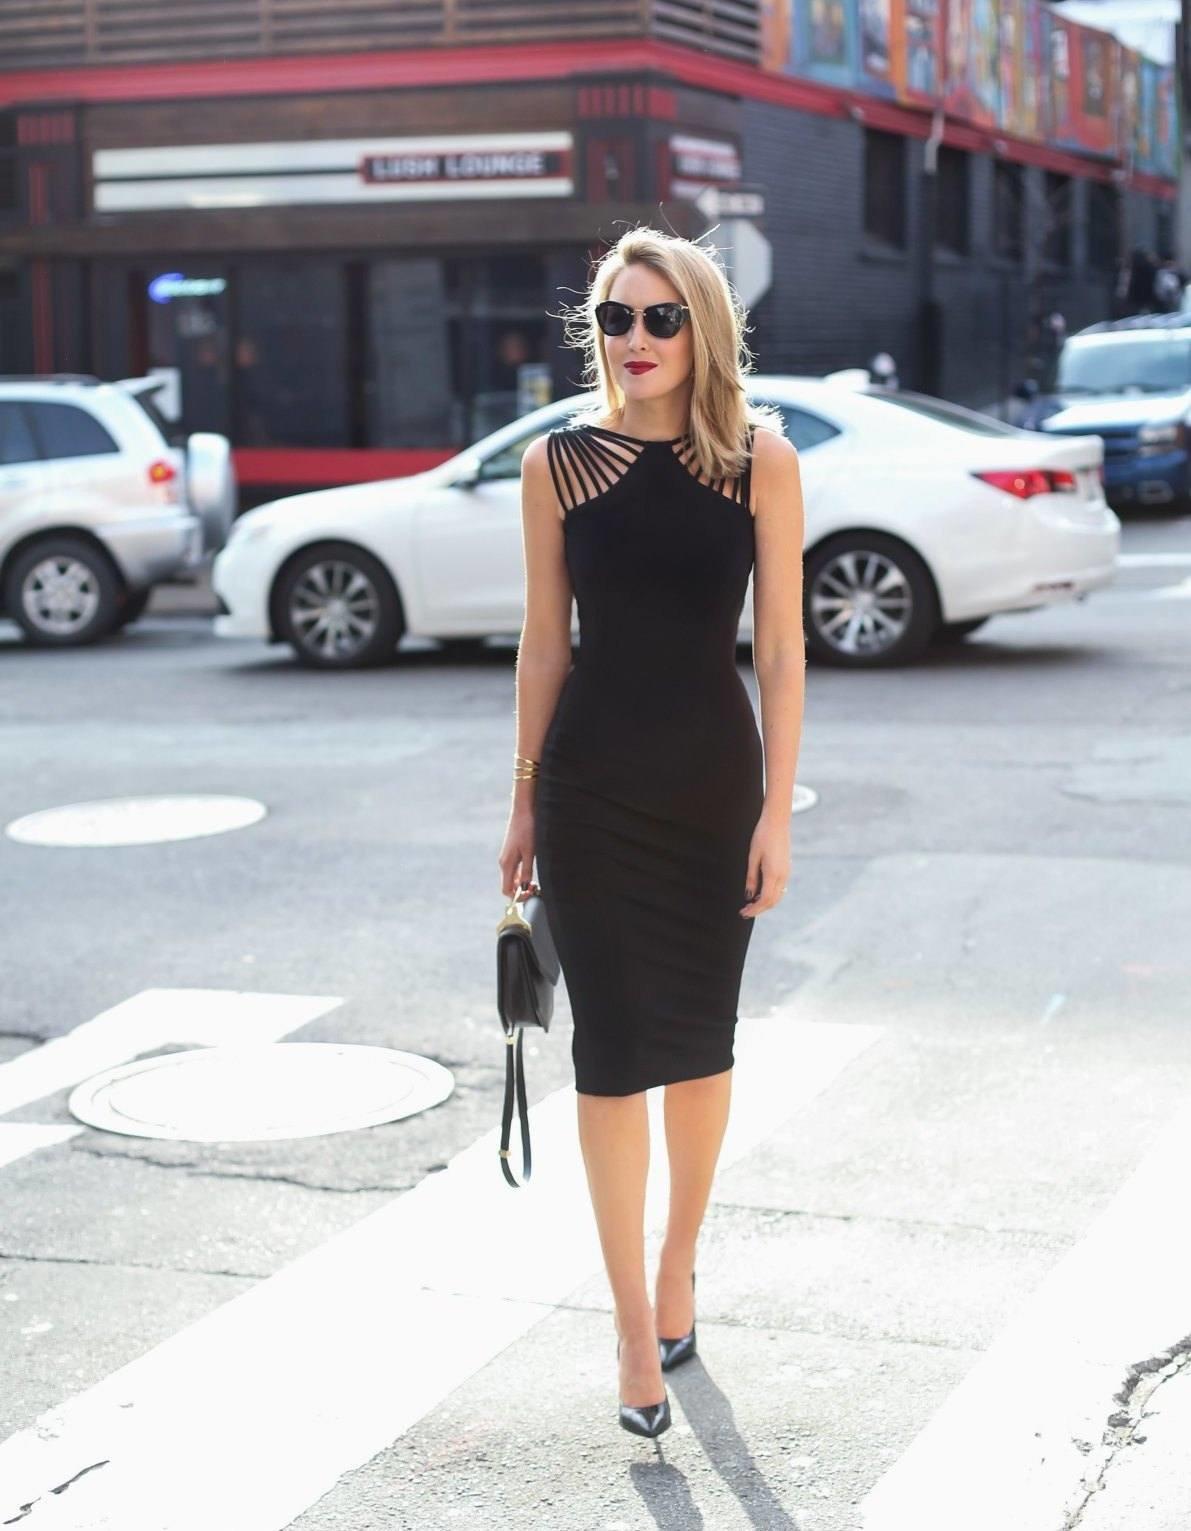 черное платье футляр фото модного образа этой